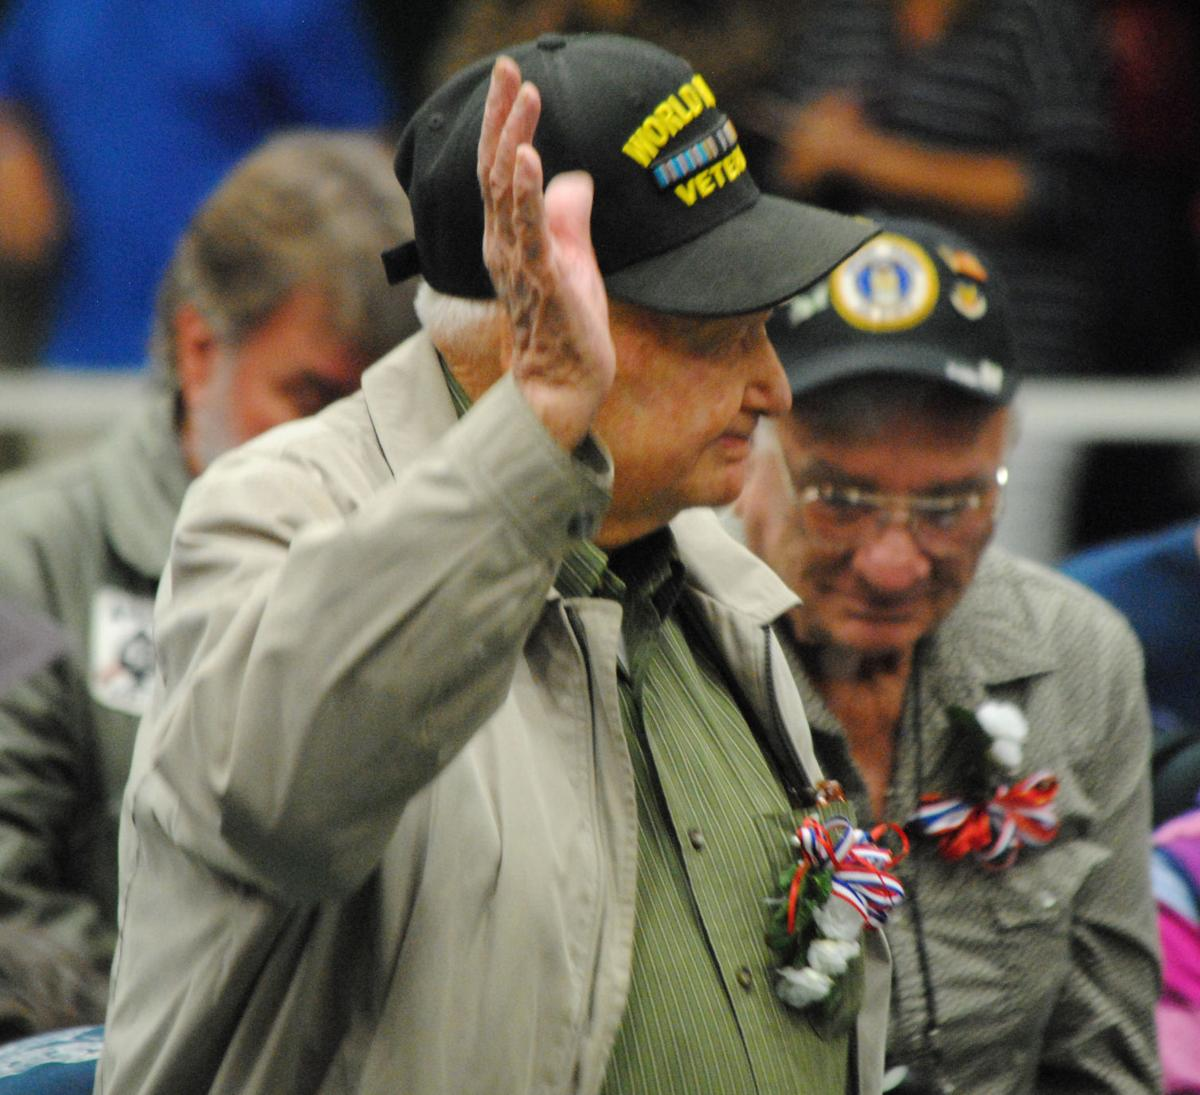 Sabine County Veterans Day Tribute, Hemphill ISD